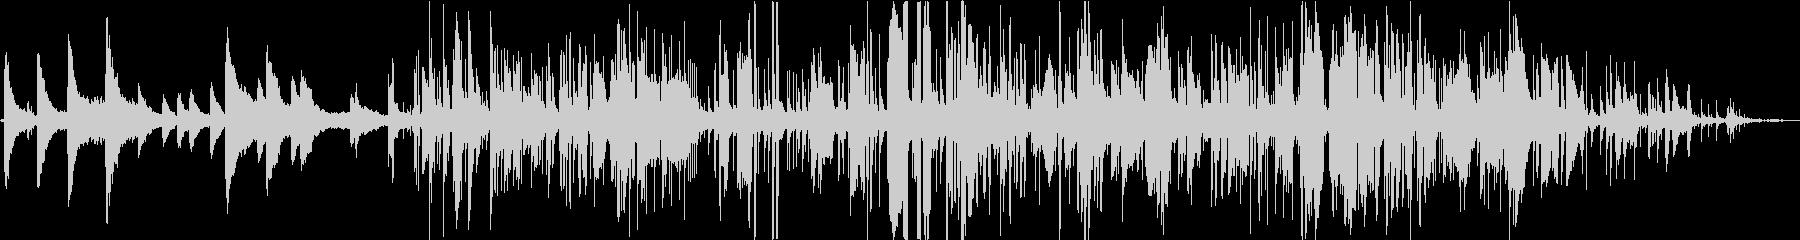 ジャジーなピアノ、サックスBGMの未再生の波形